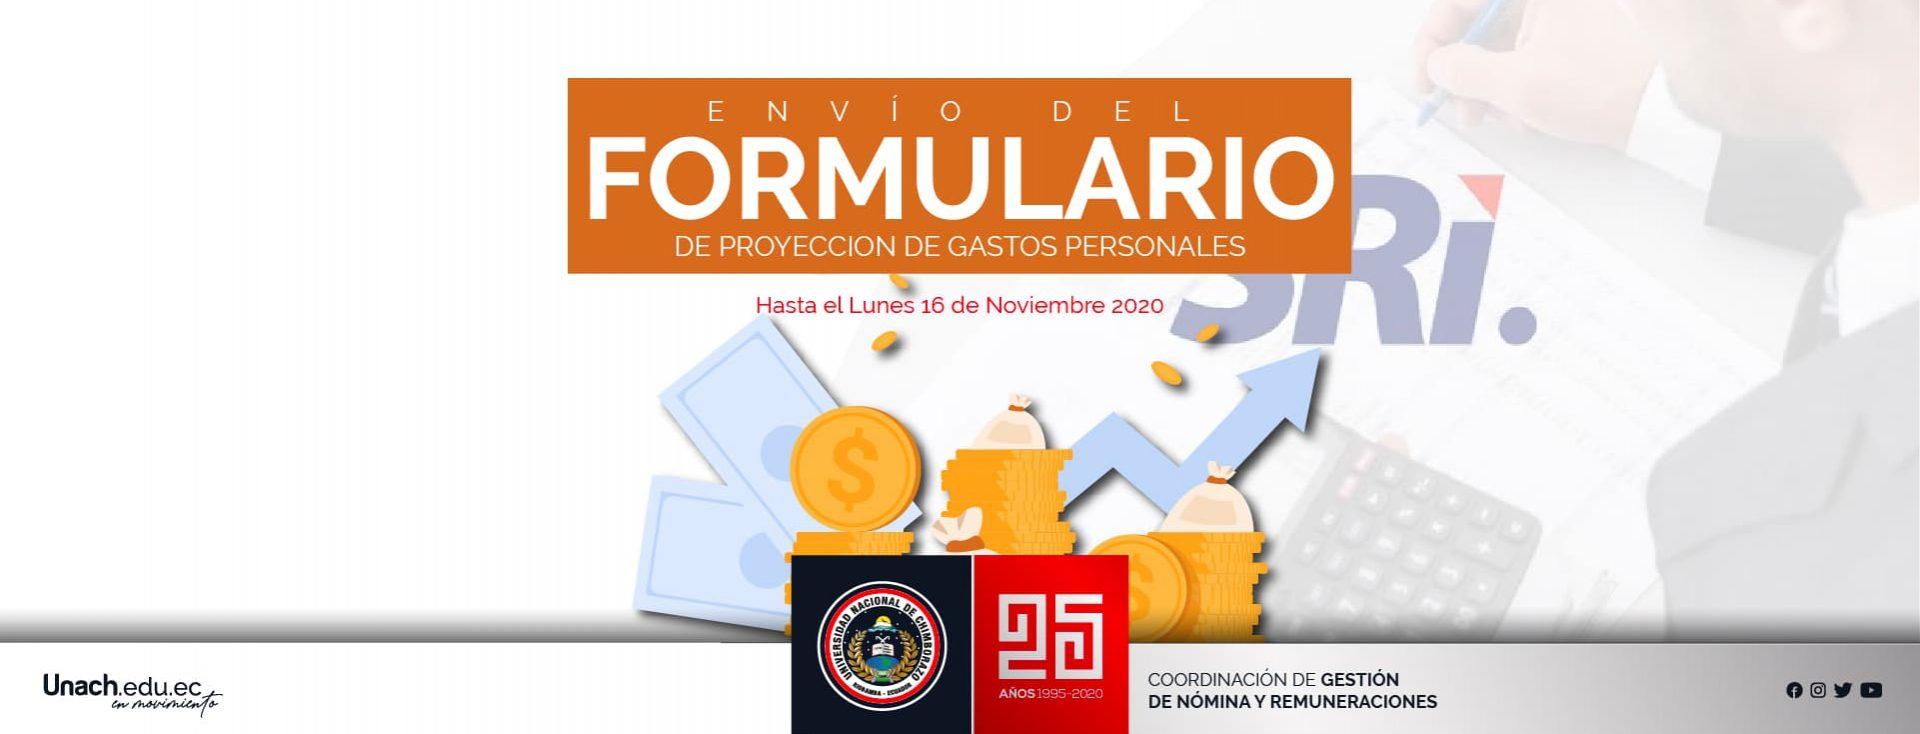 ENVÍO DEL FORMULARIO DE PROYECCIÓN DE GASTOS PERSONALES